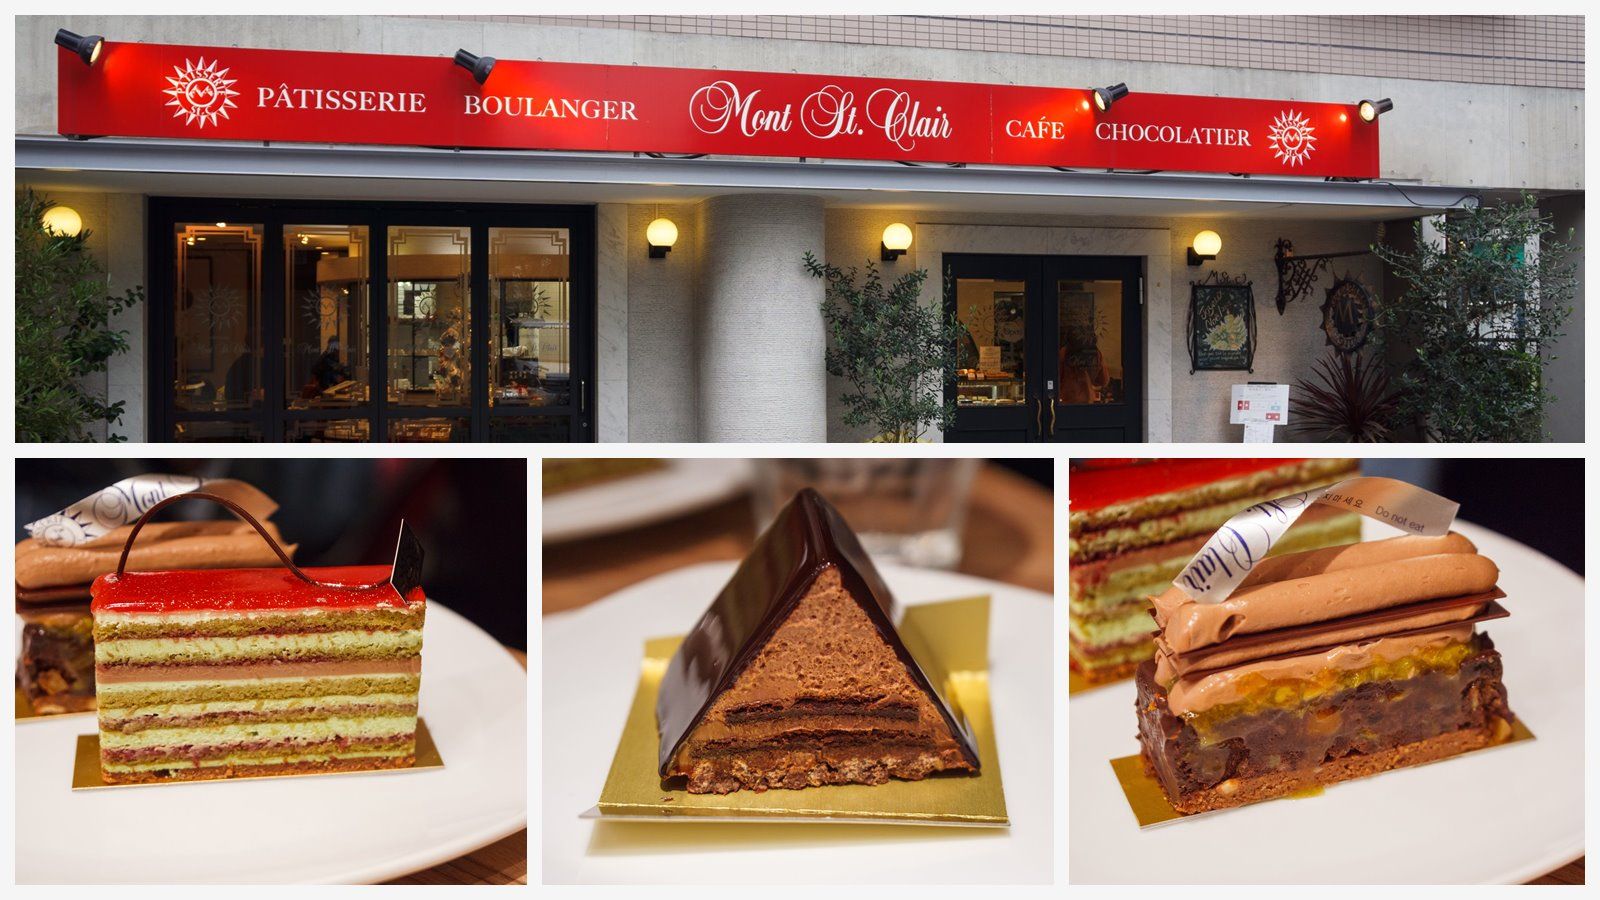 【東京美食】自由之丘 Mont St. Clair 》名不虛傳的人氣甜點名店 1